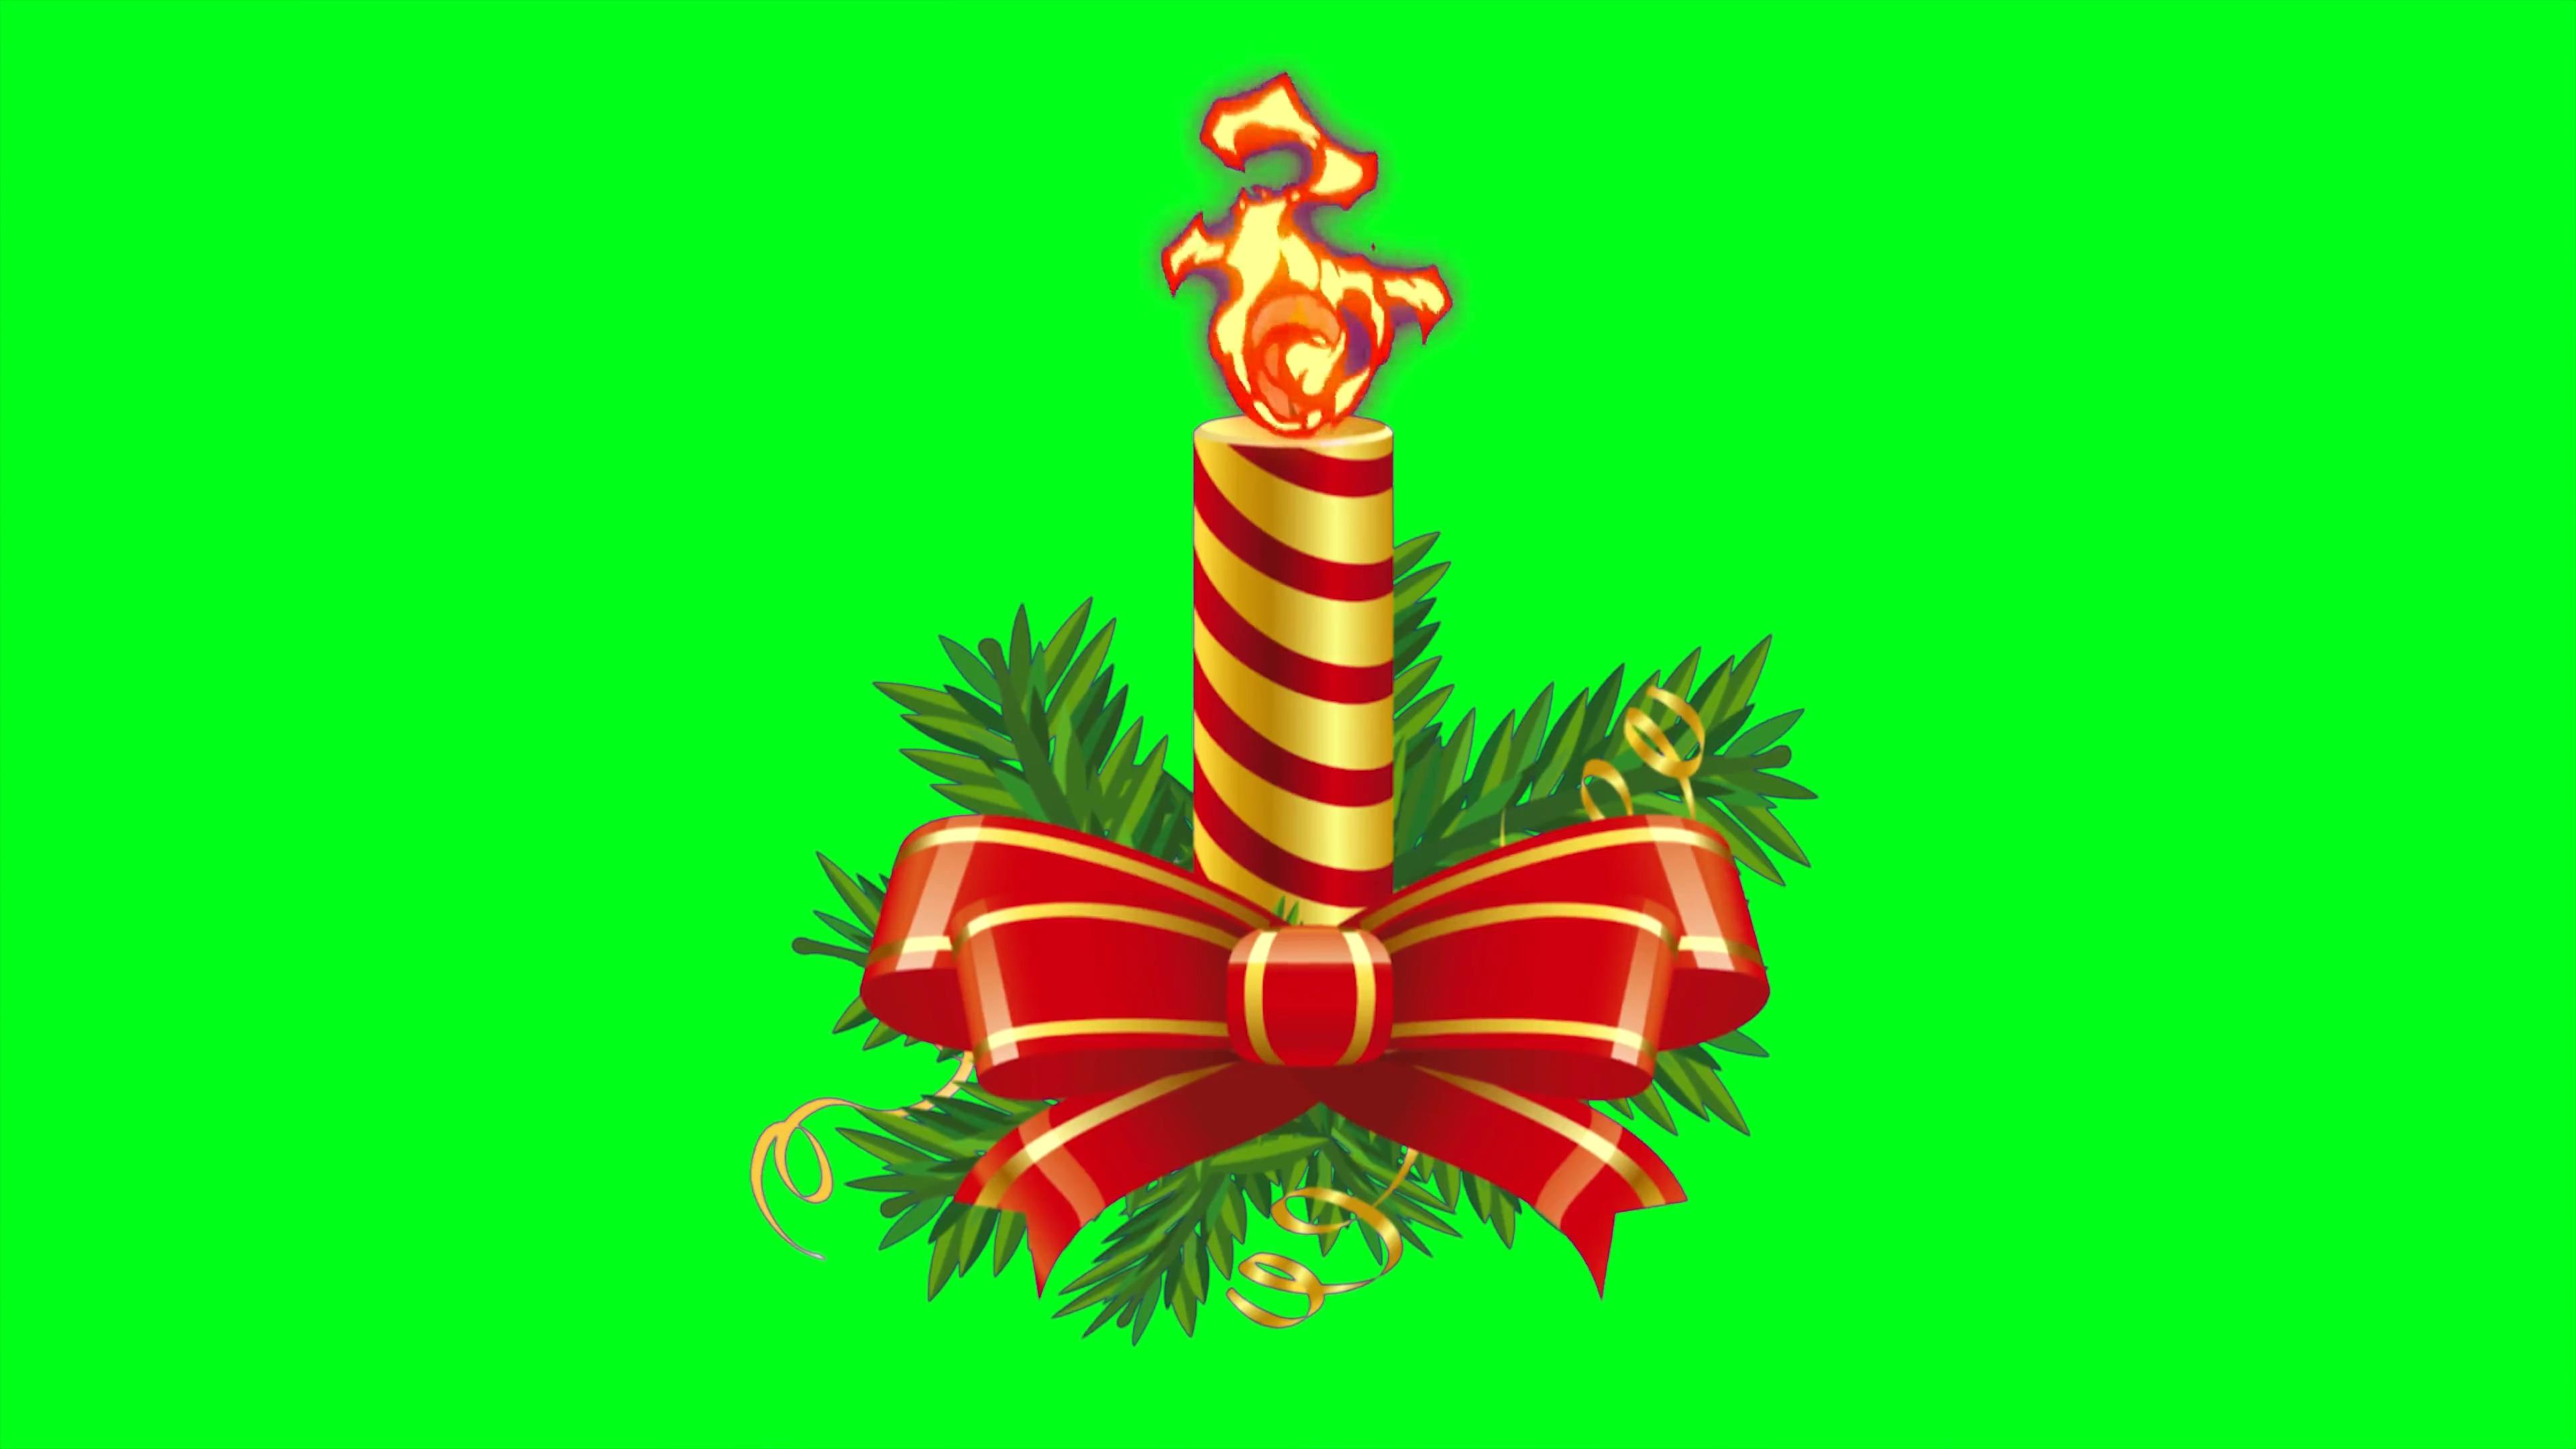 \[4K\]绿屏抠像圣诞节蜡烛